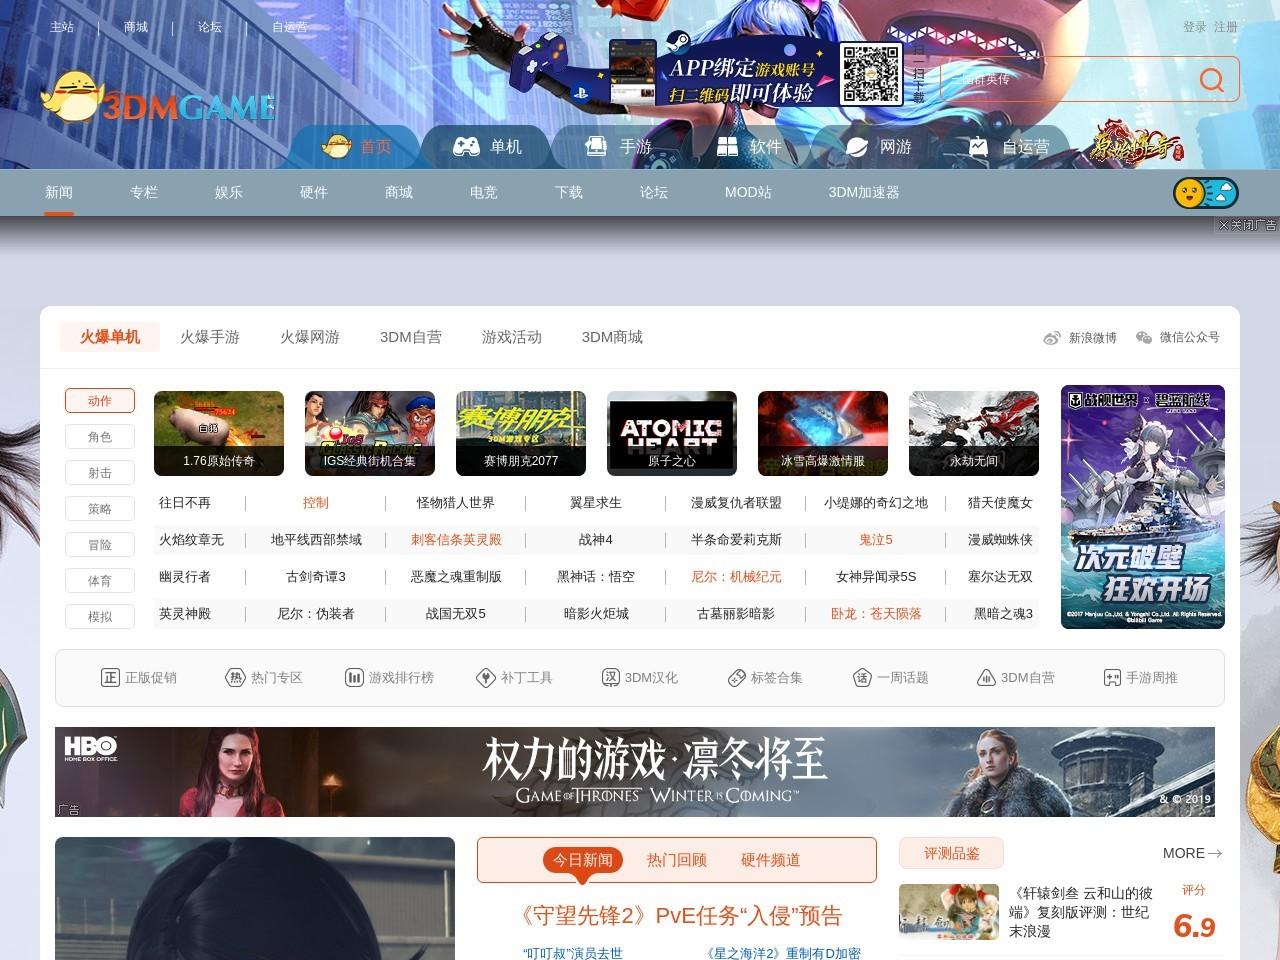 3DM游戏网_单机游戏大全中文版下载